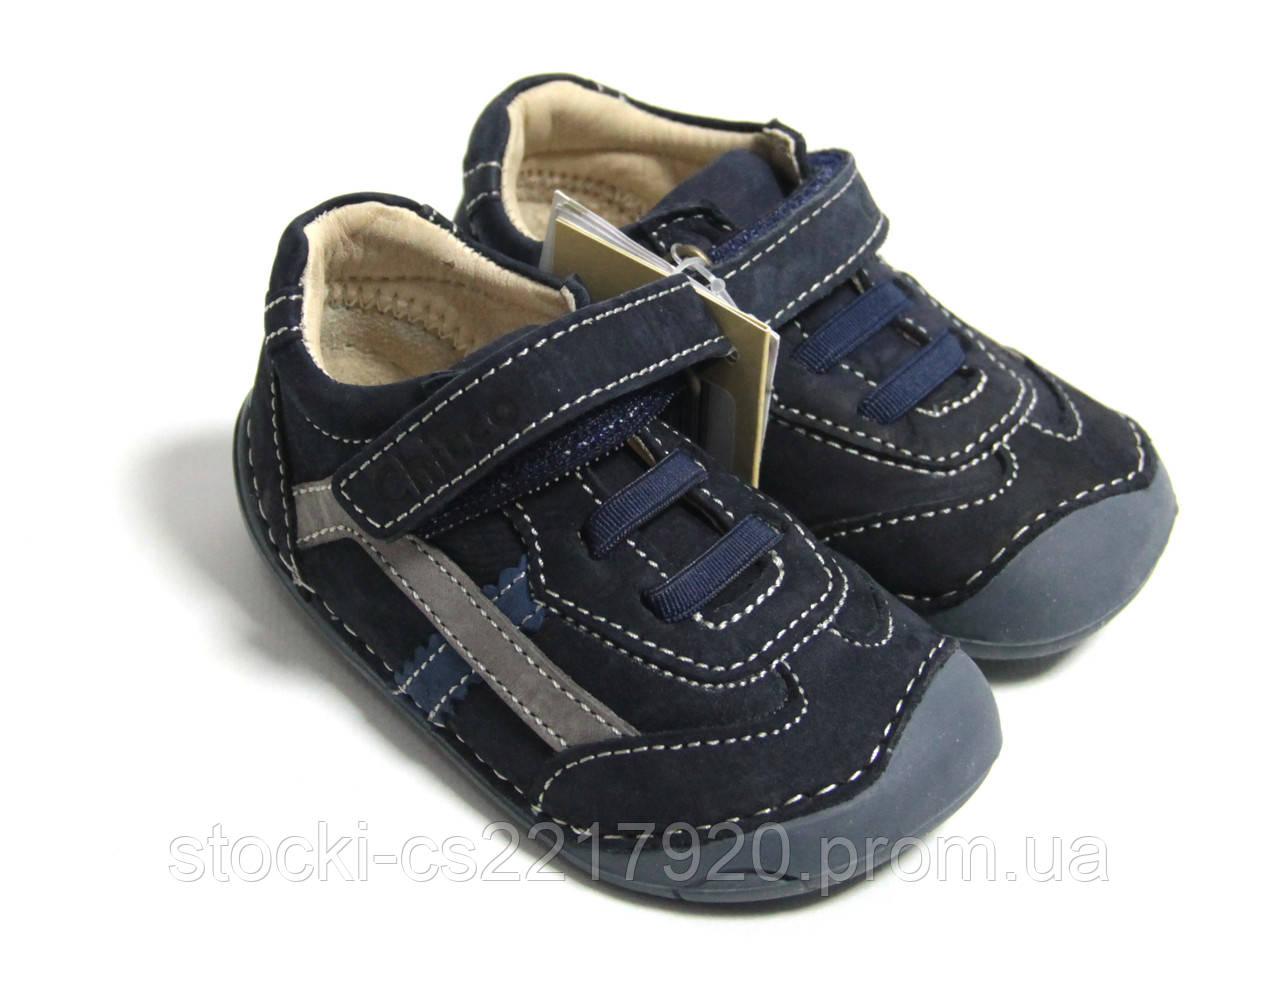 3aab02d5030b81 Дитяче взуття Chicco СТОК, цена 202 грн., купить в Львове — Prom.ua  (ID#695910241)